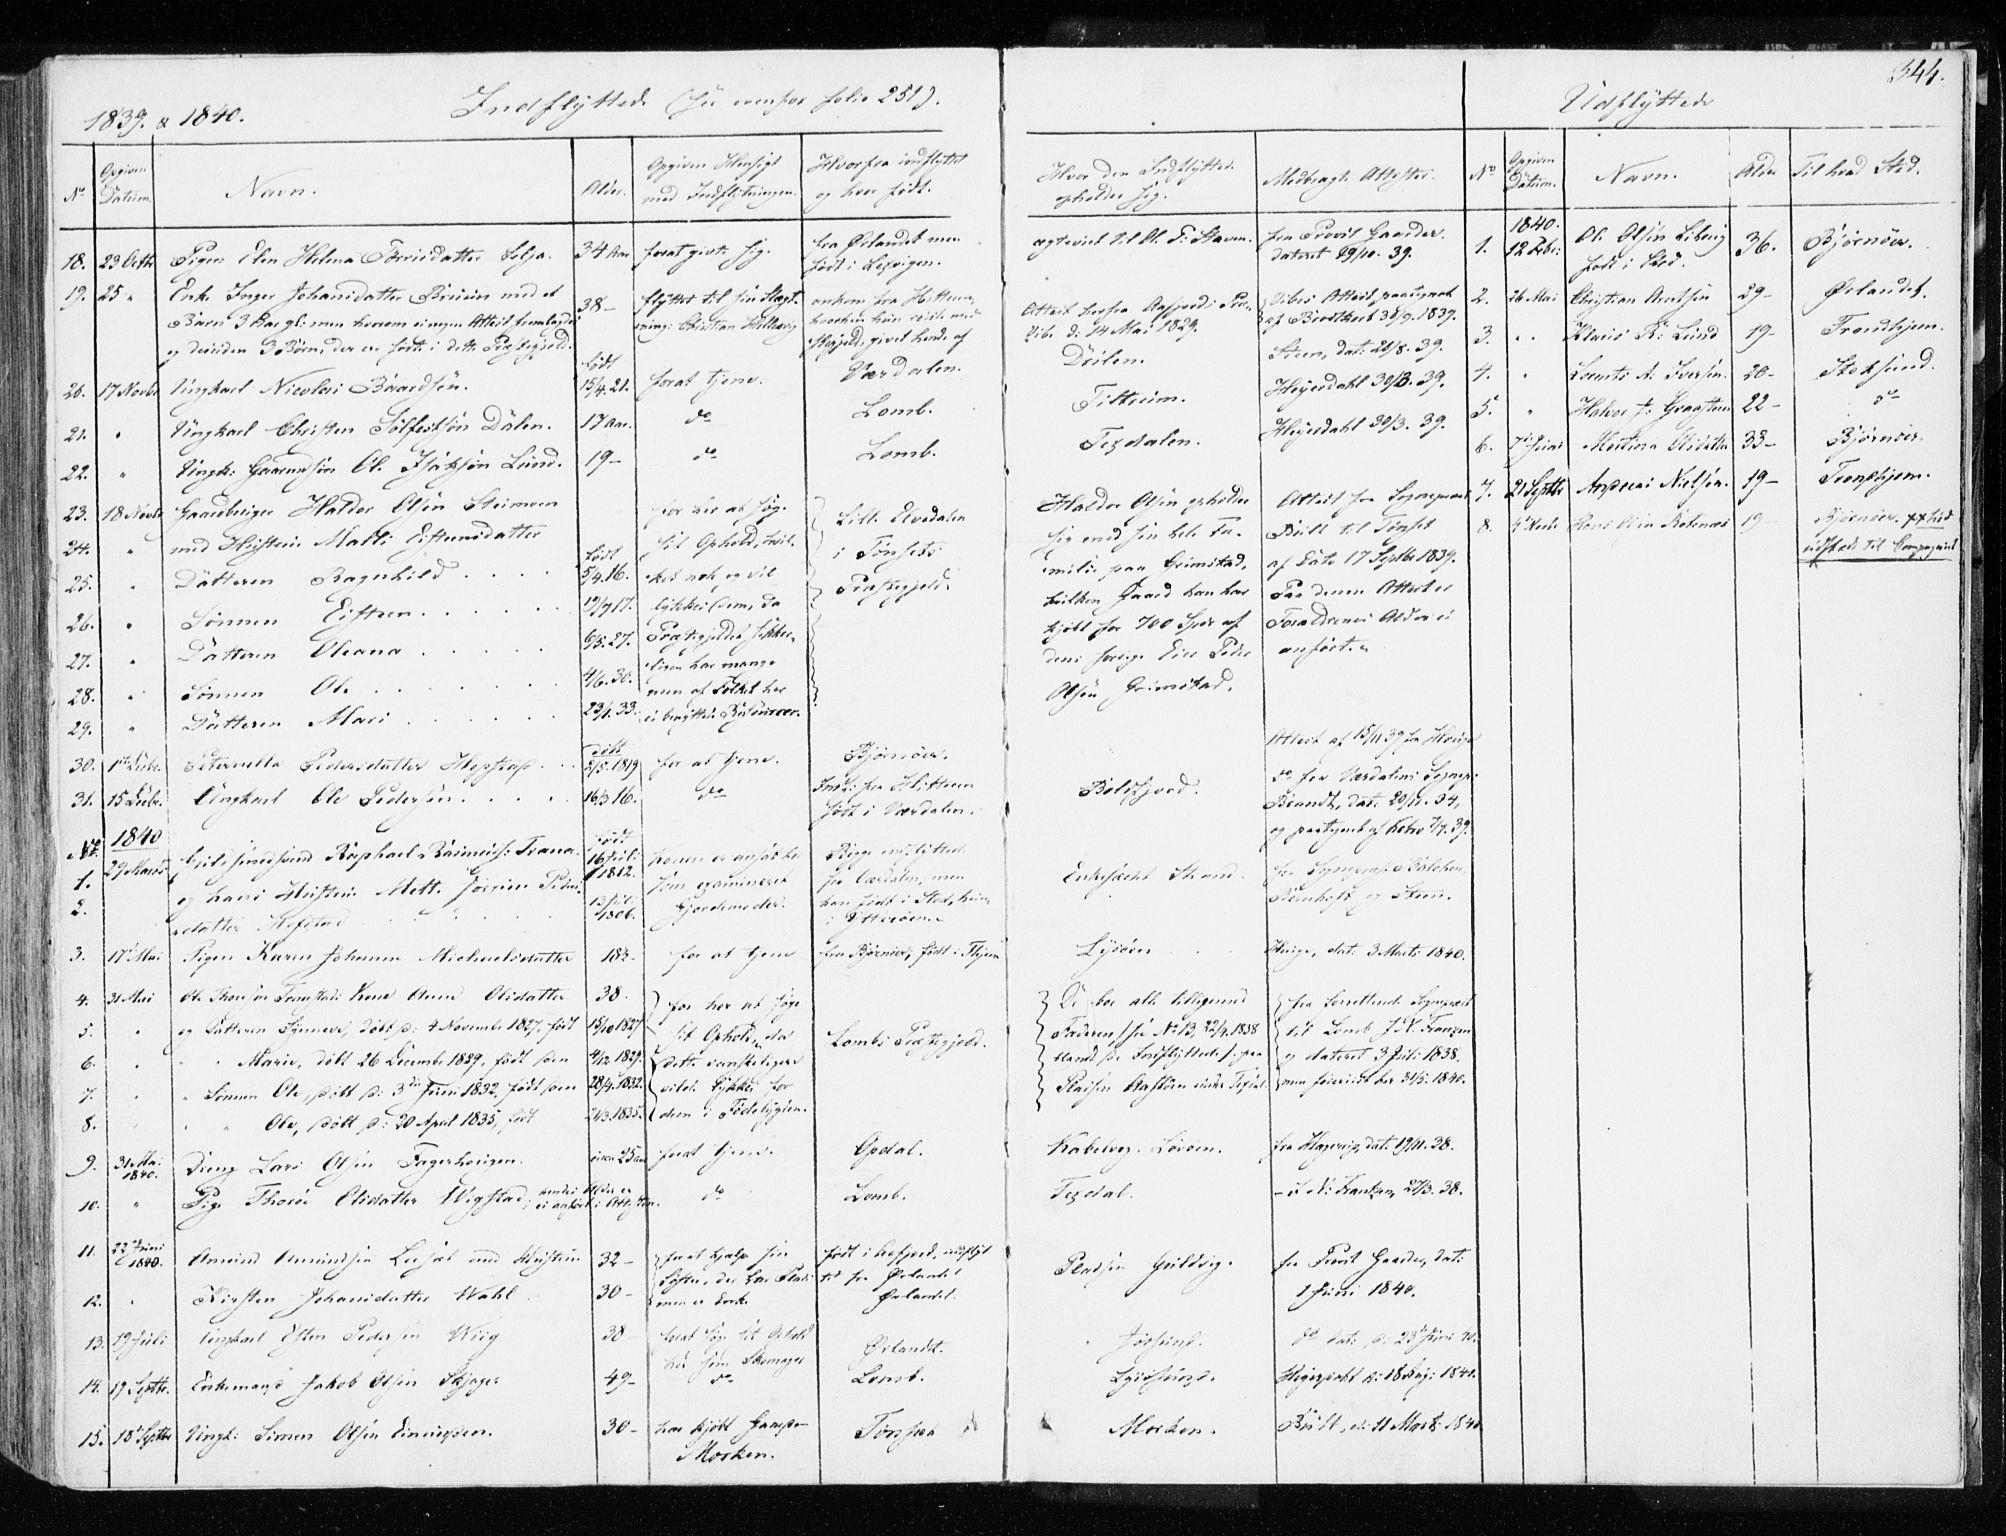 SAT, Ministerialprotokoller, klokkerbøker og fødselsregistre - Sør-Trøndelag, 655/L0676: Ministerialbok nr. 655A05, 1830-1847, s. 344